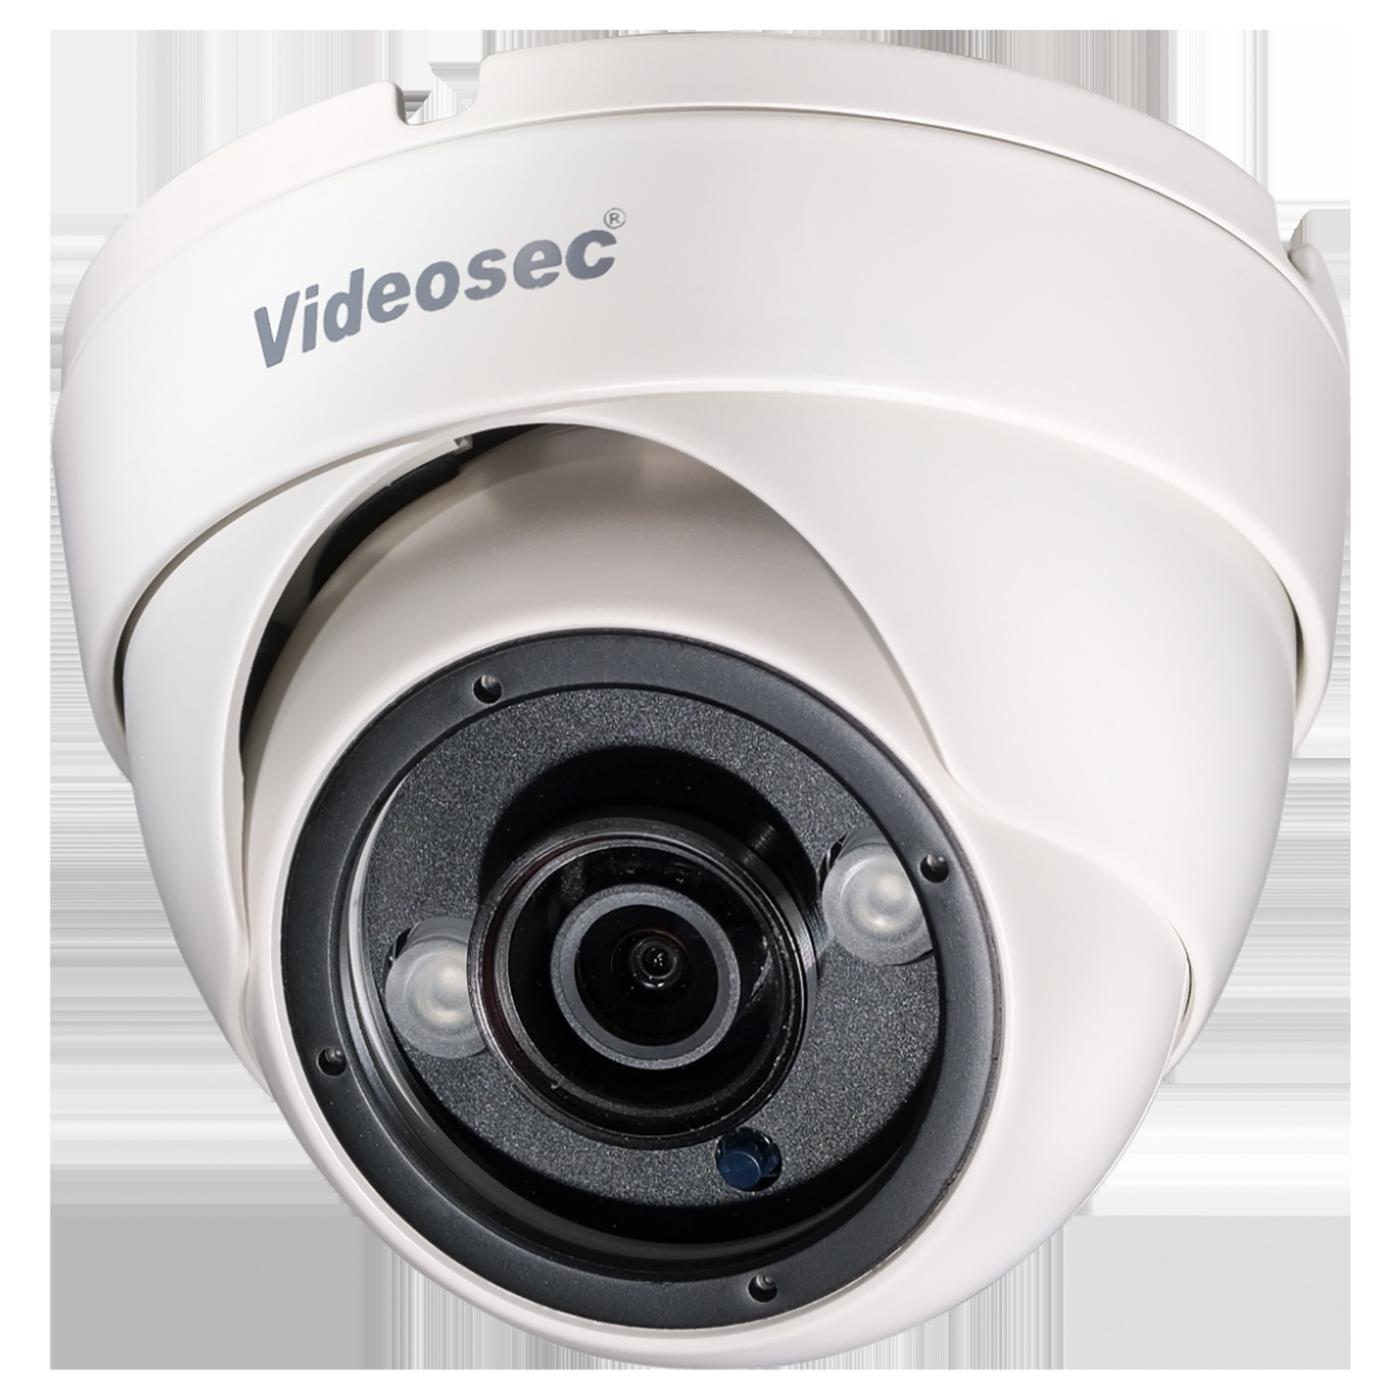 Videosec - XD-236S